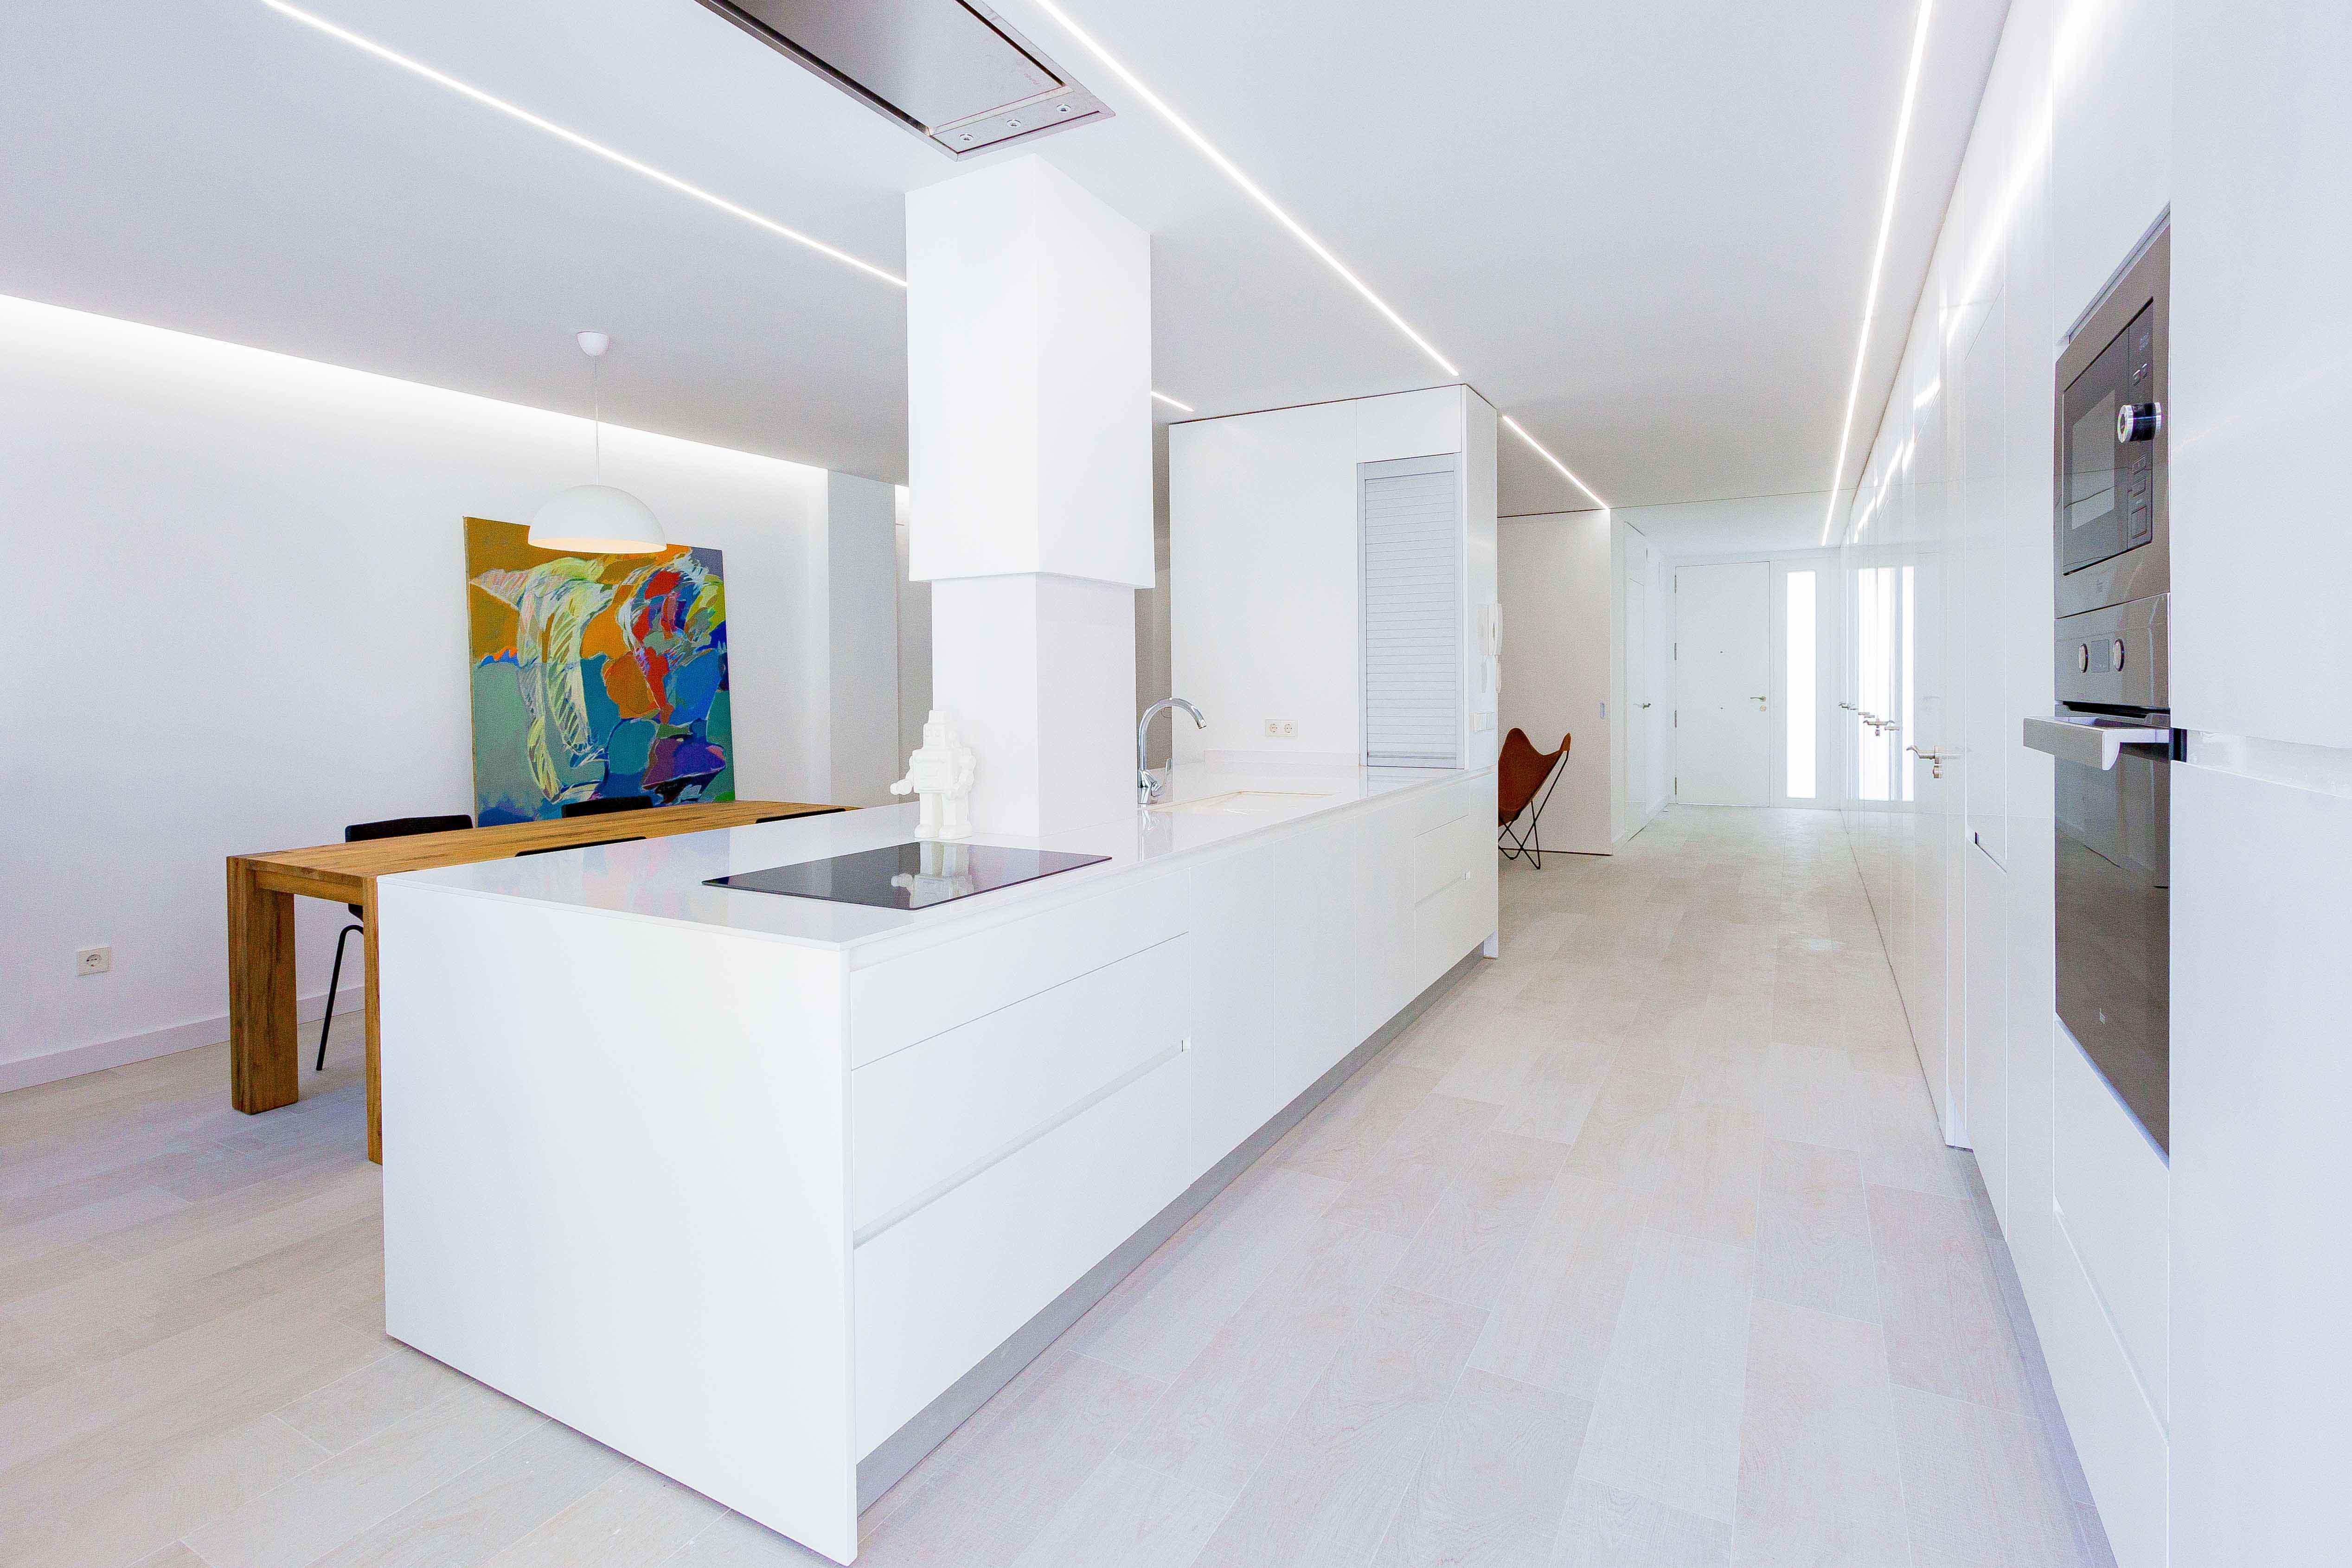 Cocina office en reforma de casa low cost. Chiralt Arquitectos Valencia.